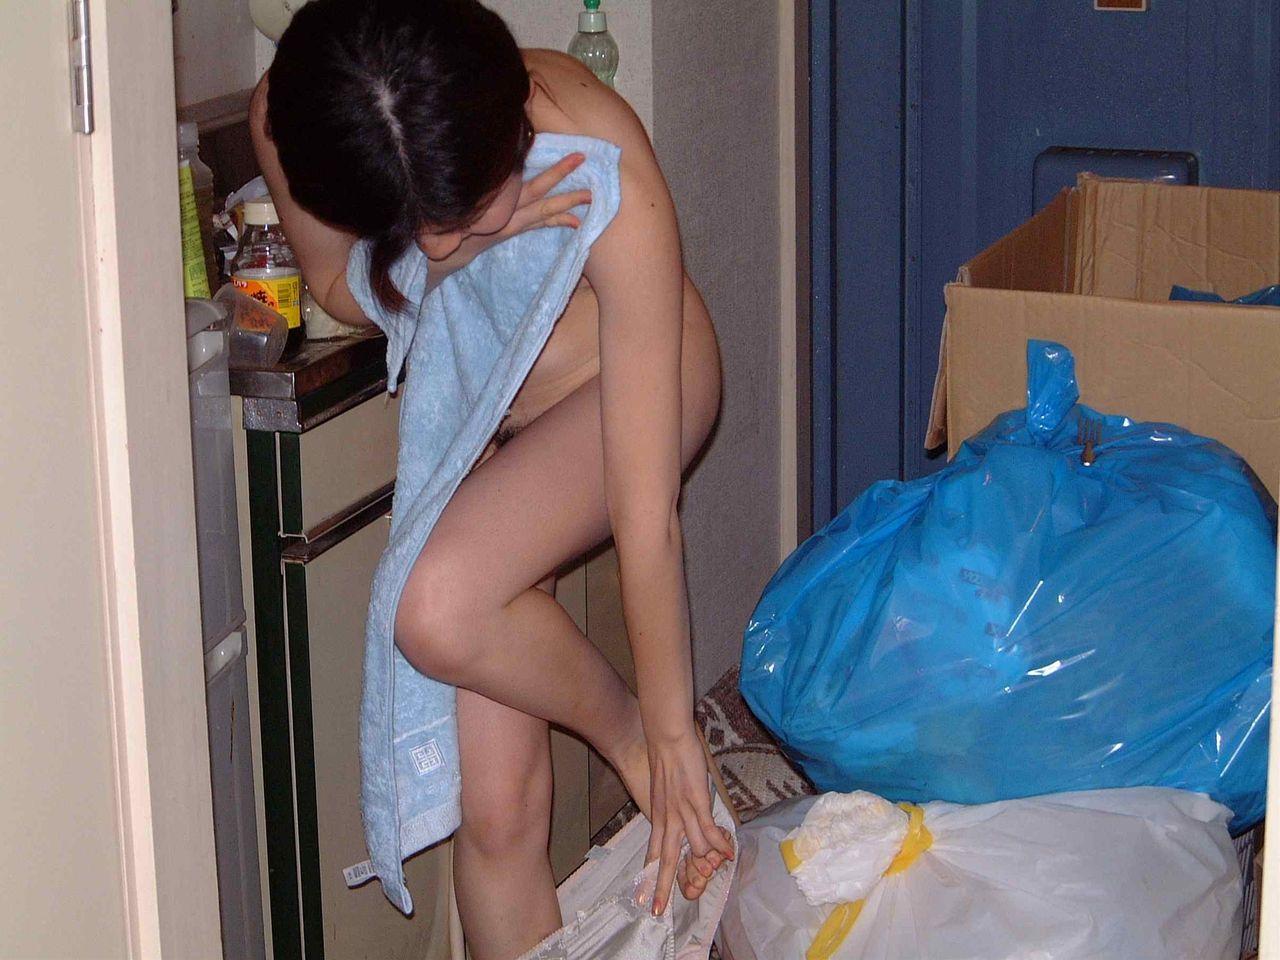 【素人】自宅で撮影された生活感溢れるリアル素人のエロ画像 37